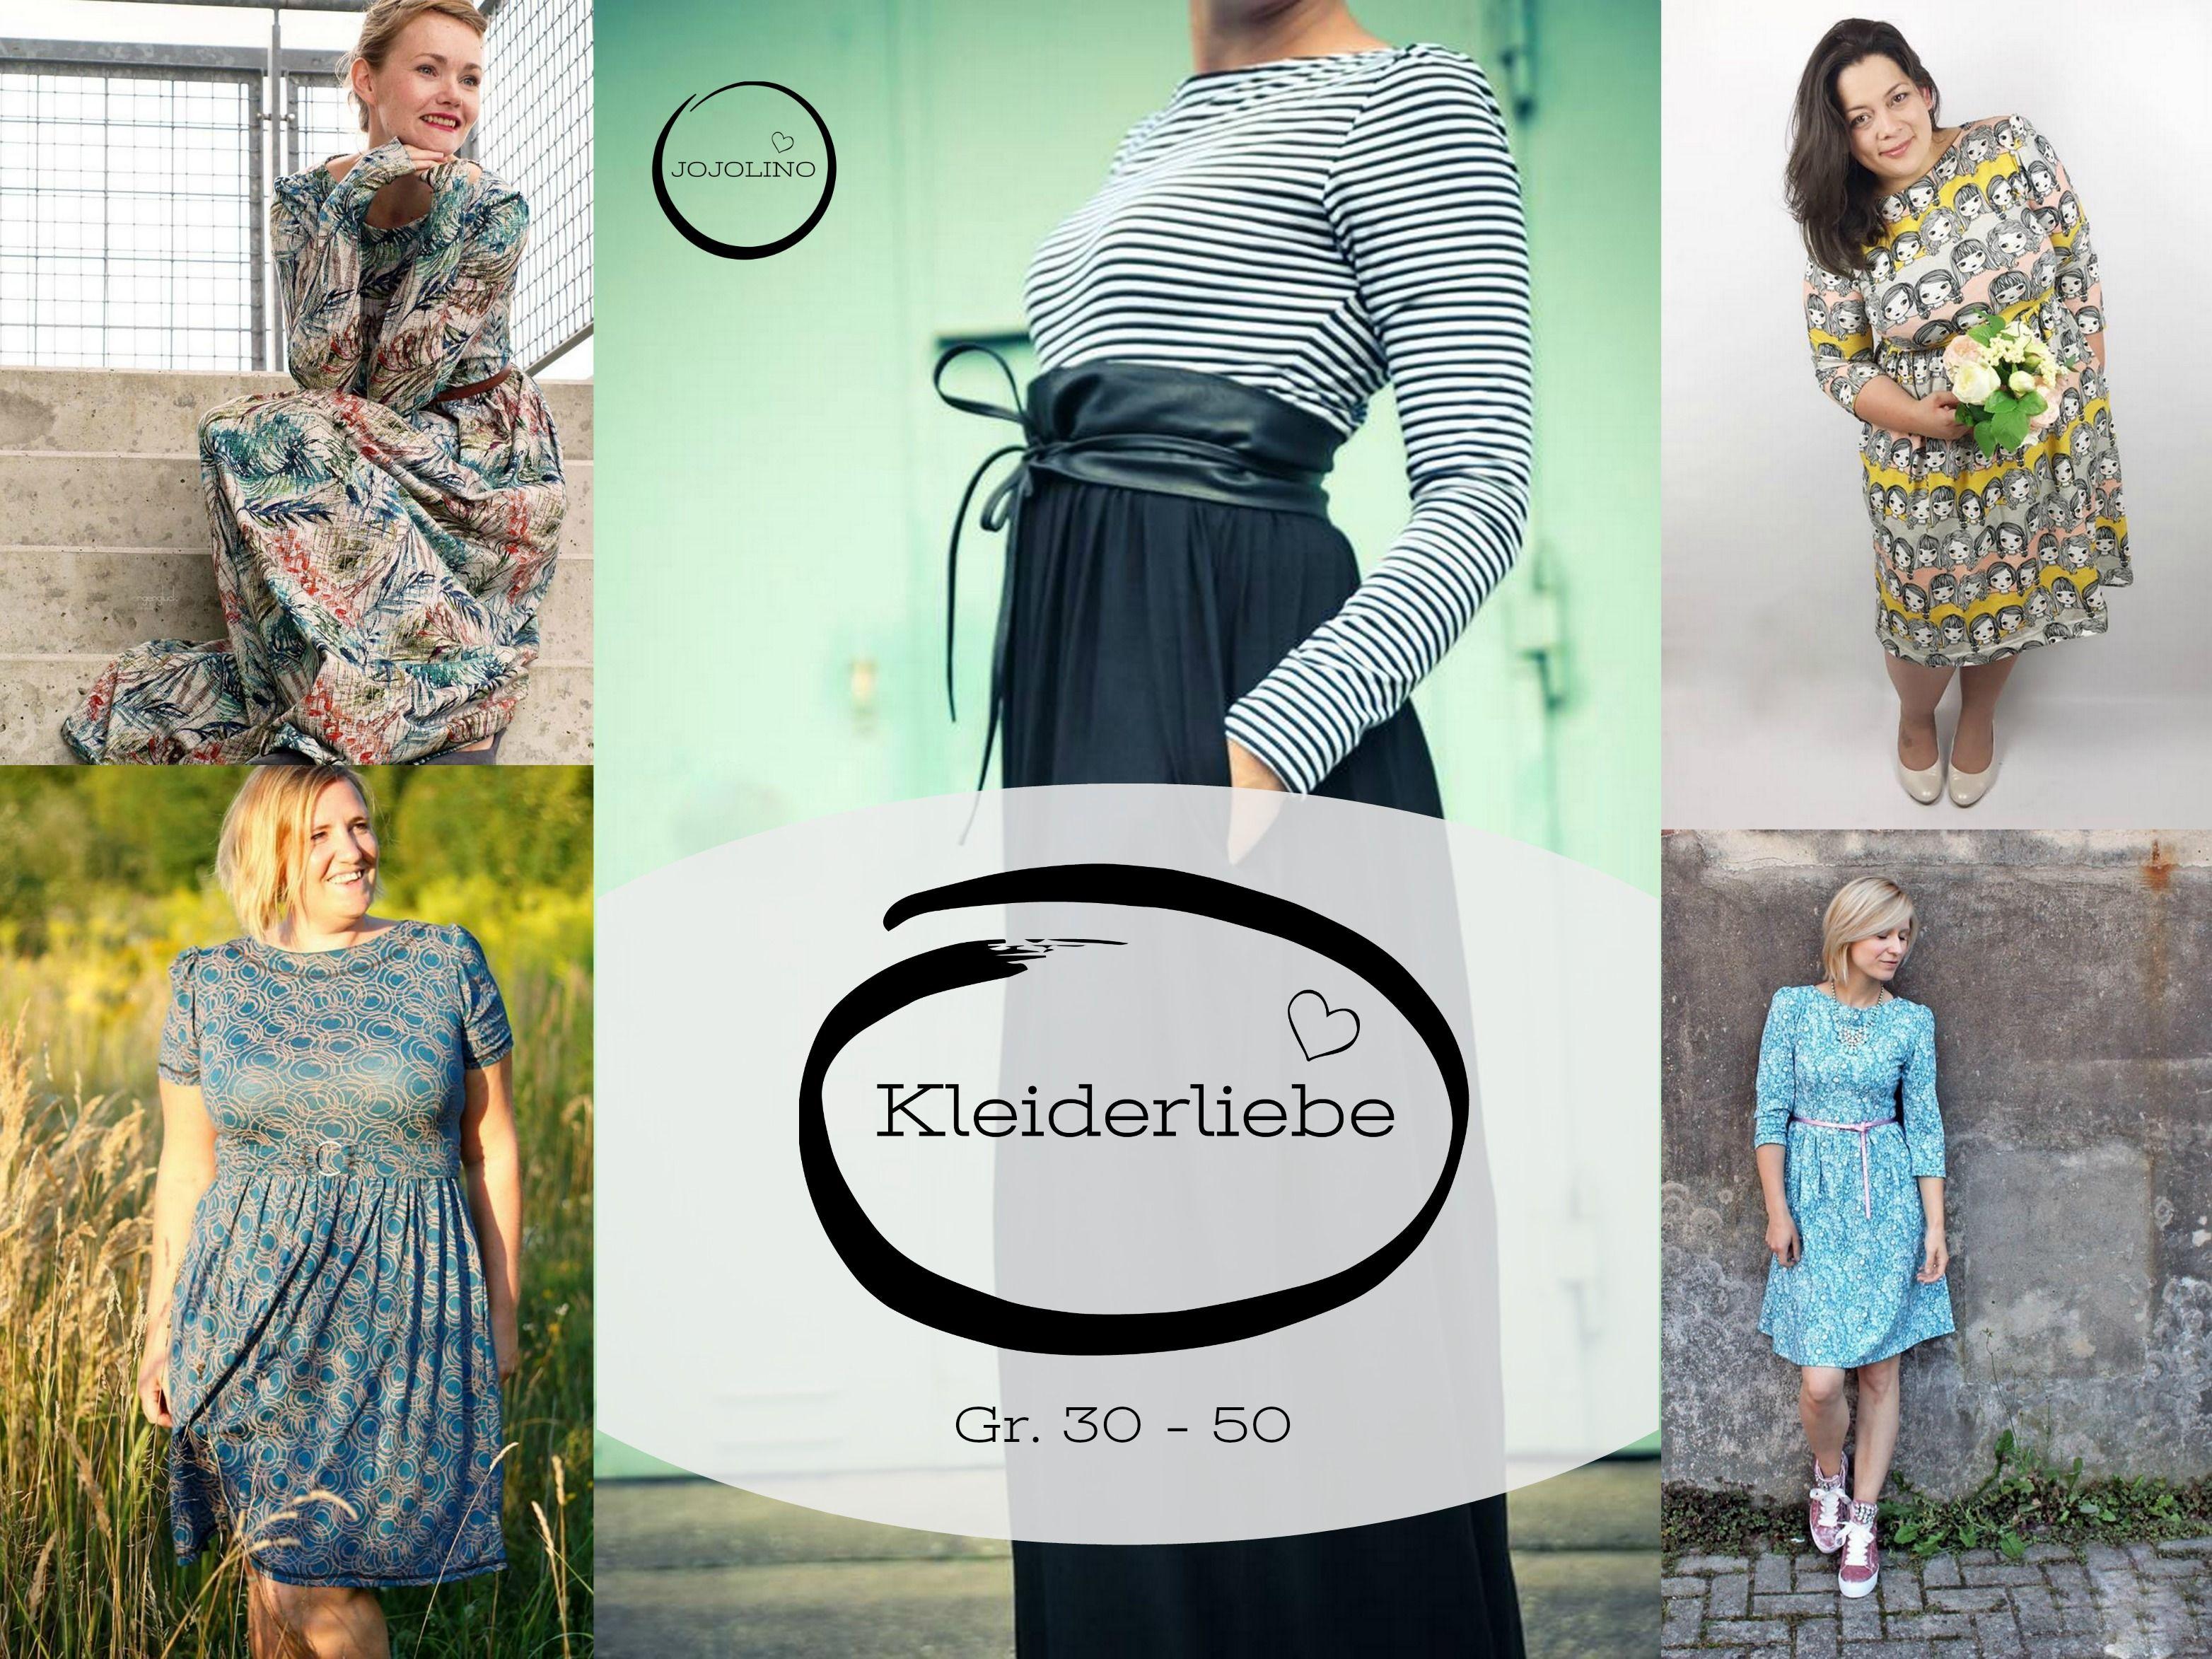 kleiderliebe - ein kleid, viele varianten und eine ewige